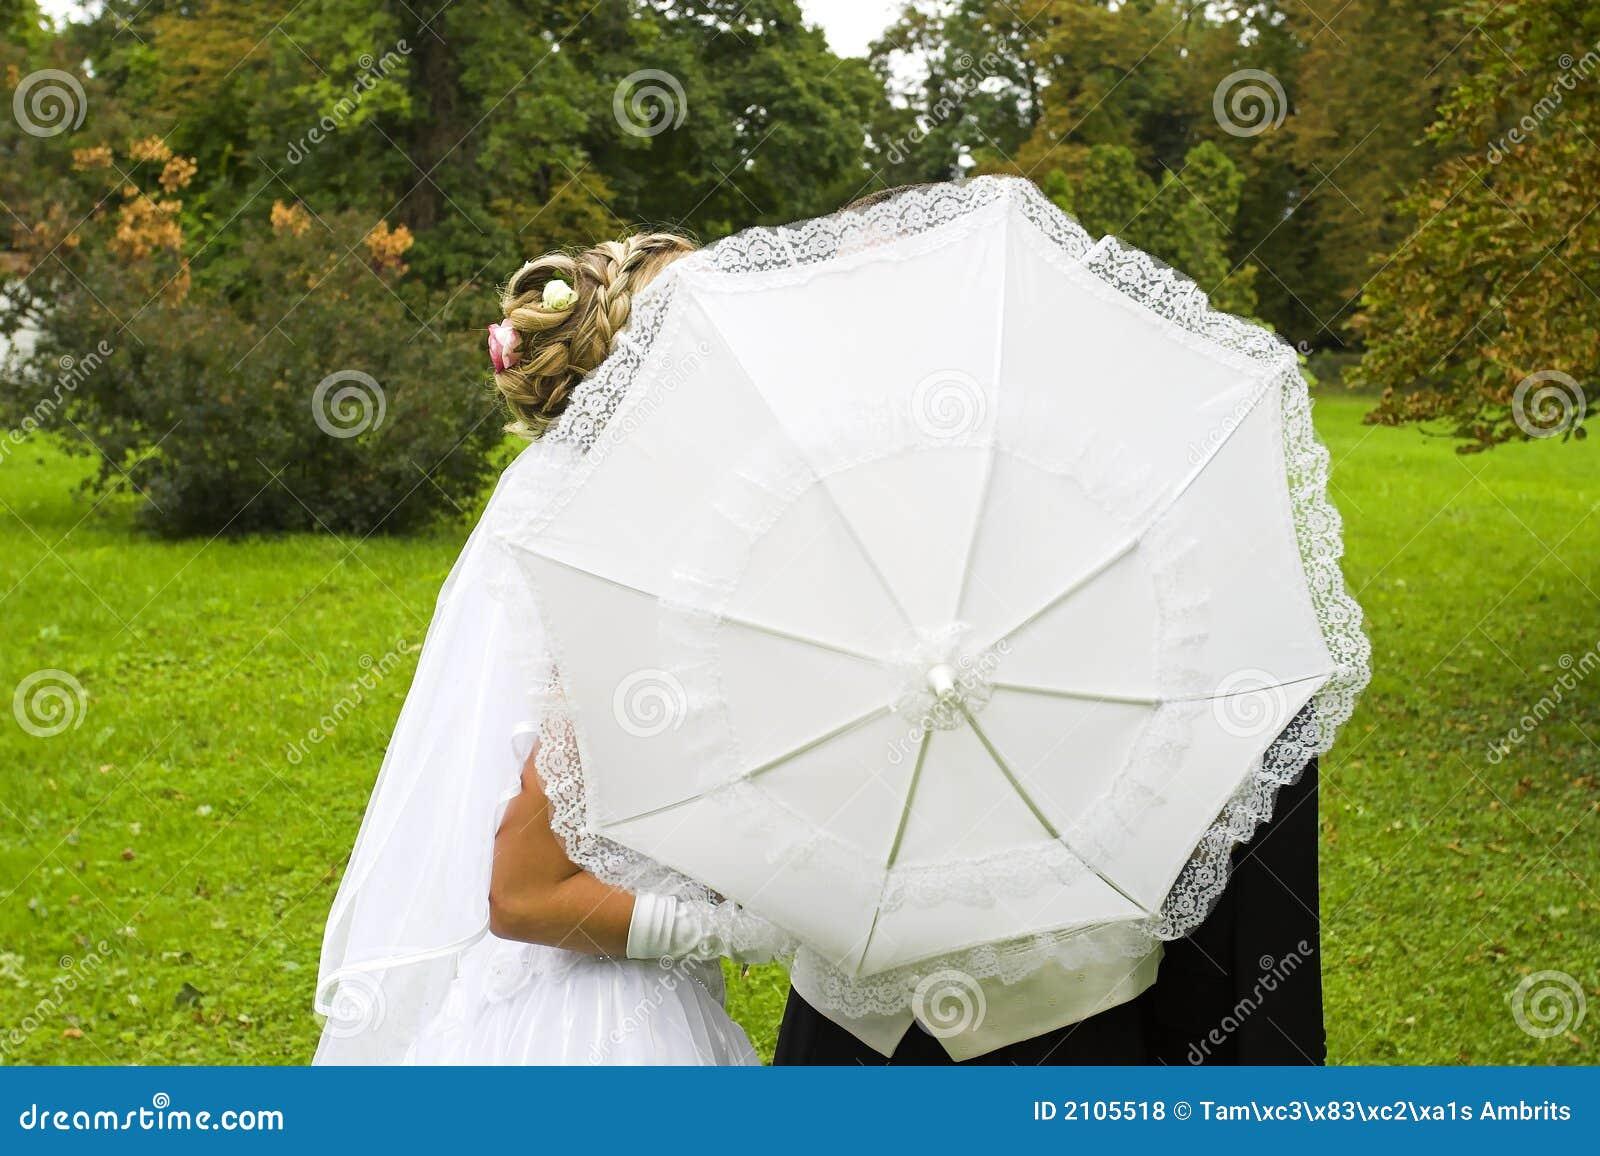 Wedding kiss behind umbrella